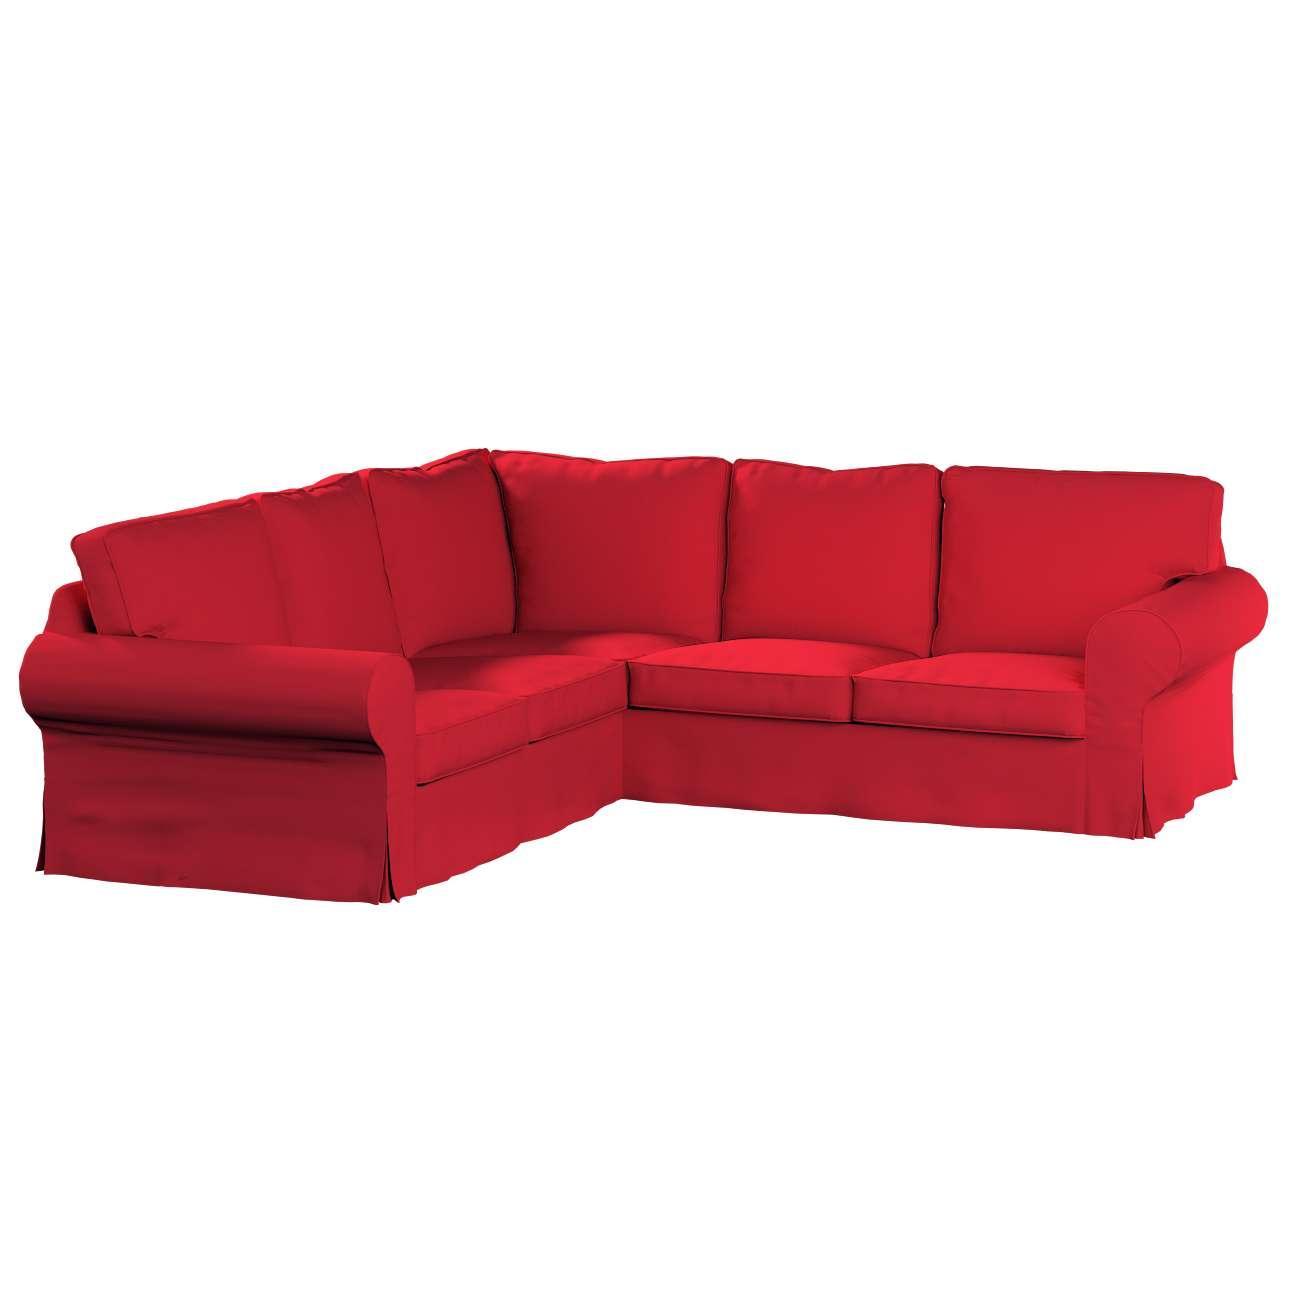 Pokrowiec na sofę Ektorp narożną Sofa Ektorp narożna w kolekcji Cotton Panama, tkanina: 702-04